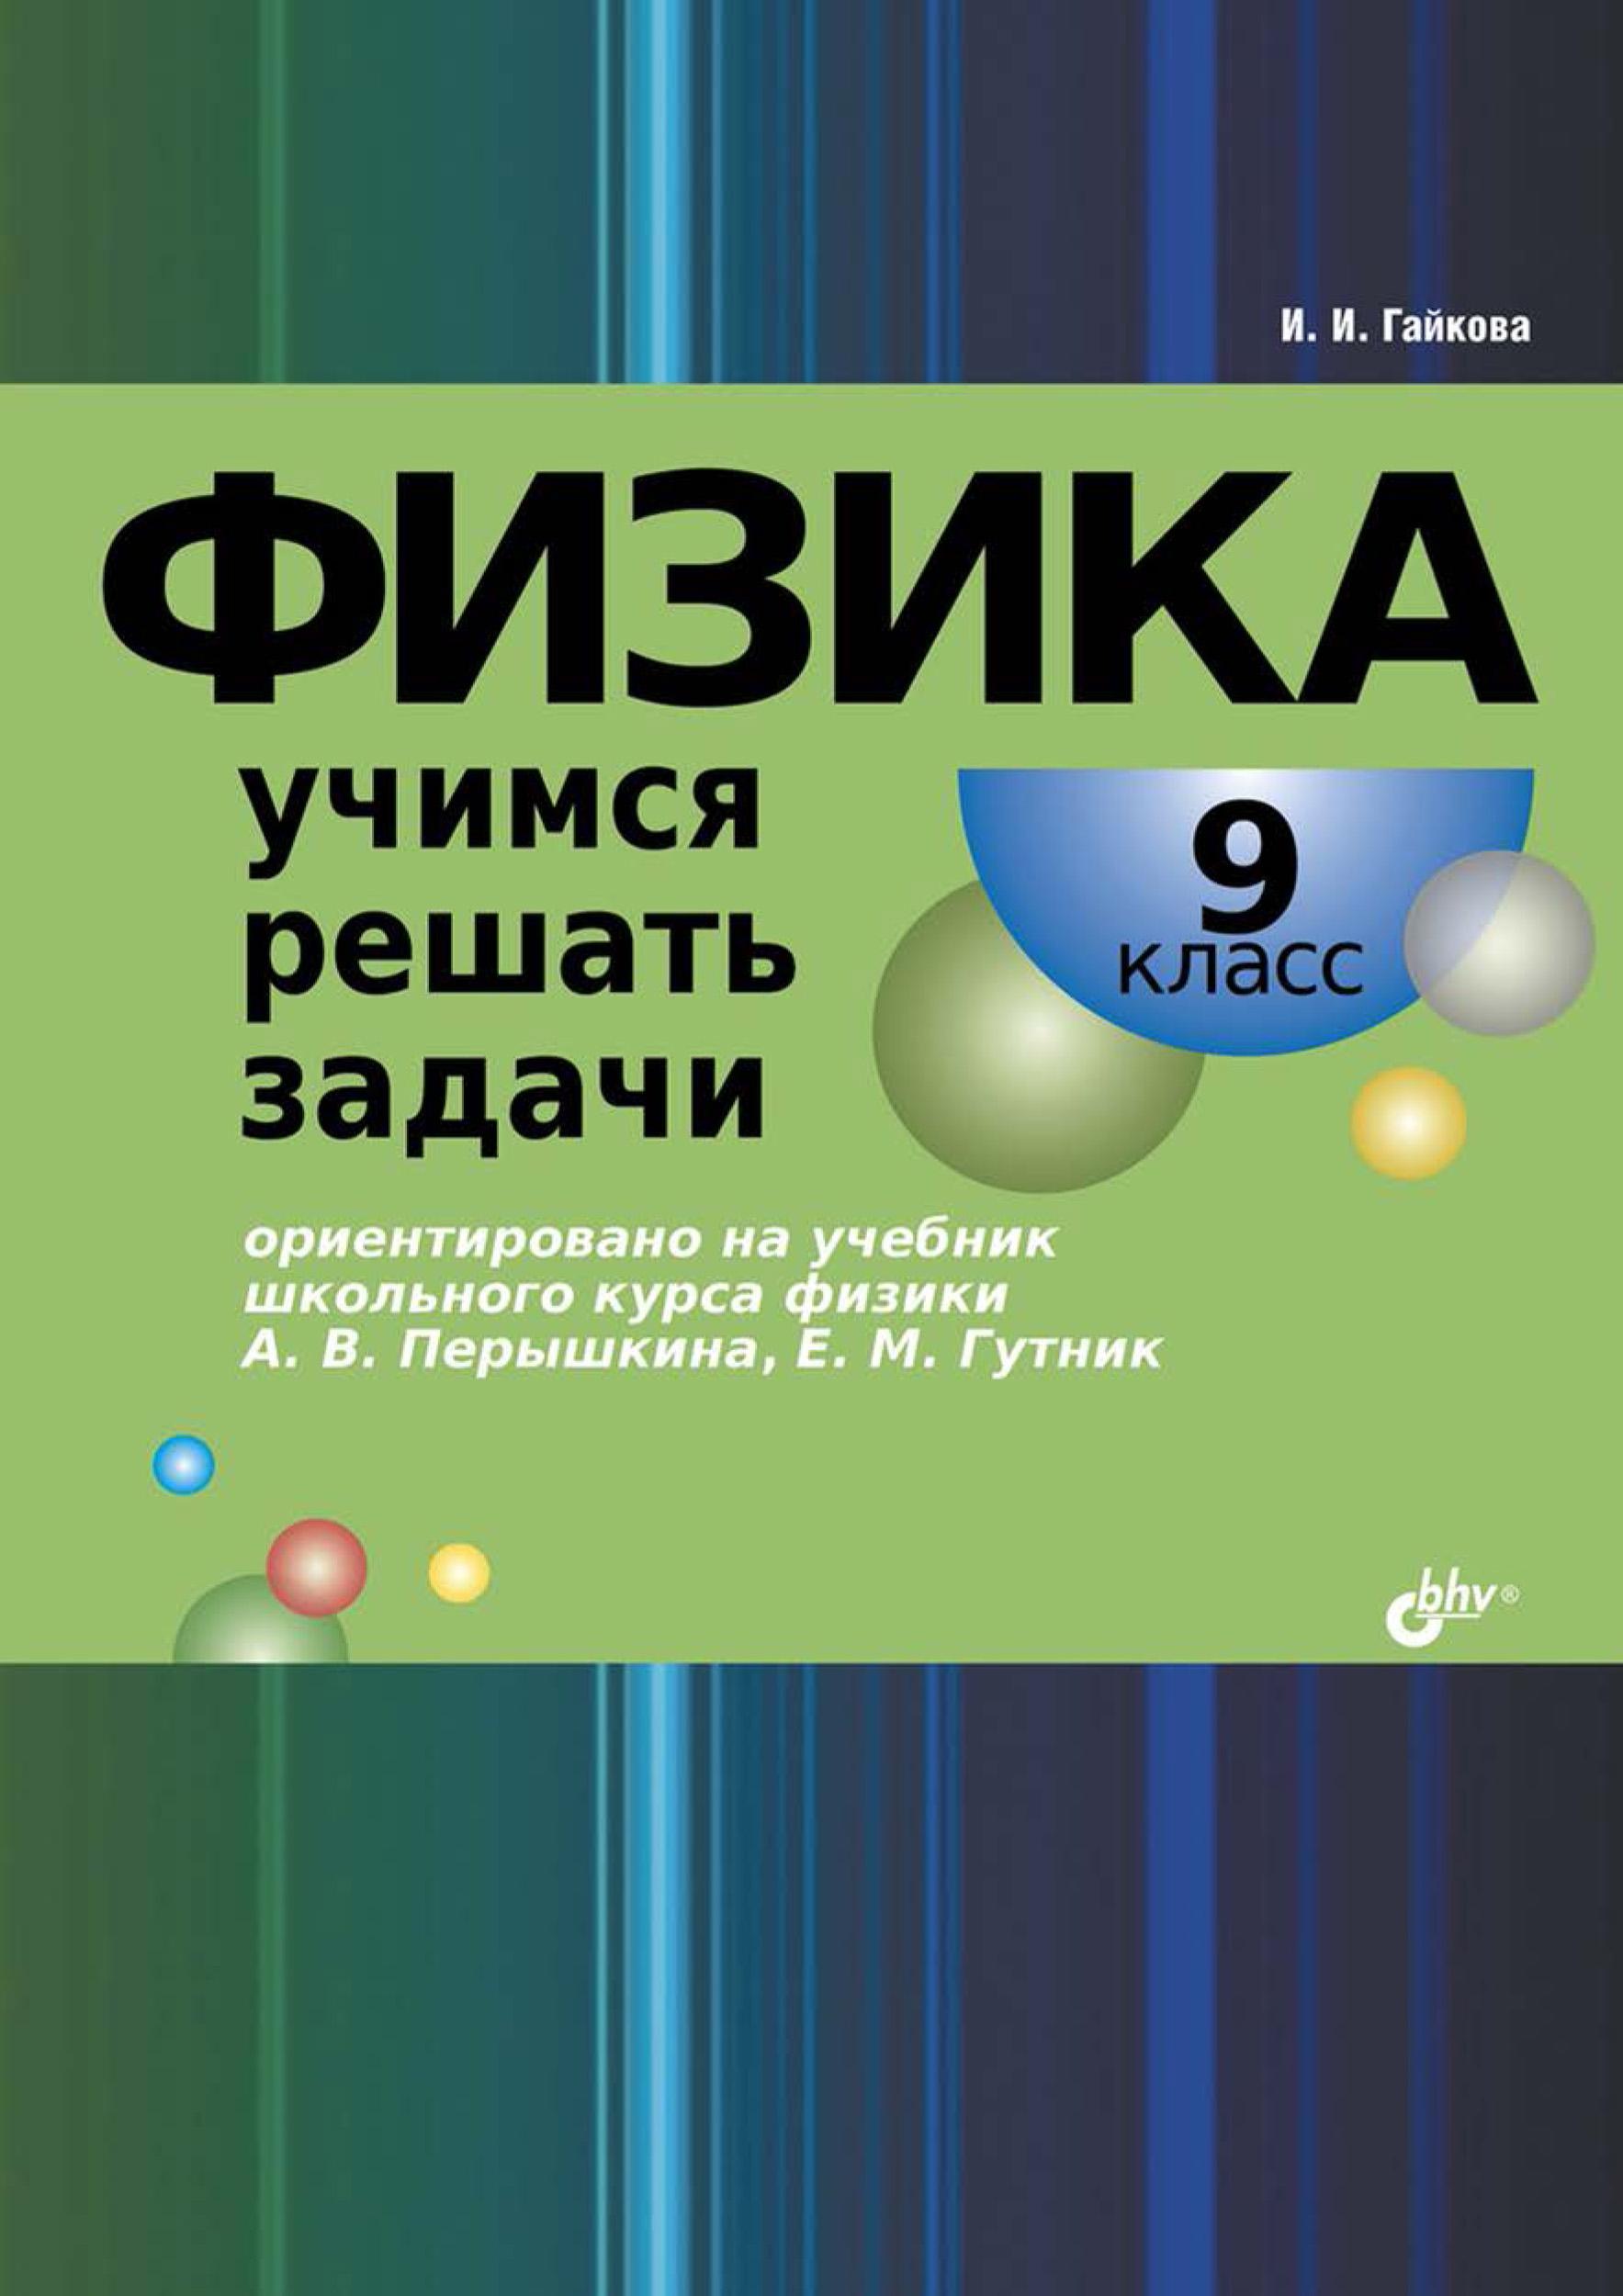 И. И. Гайкова Физика. Учимся решать задачи. 9 класс физика 7 9 классы рабочие программы по учебникам а в перышкина е м гутник